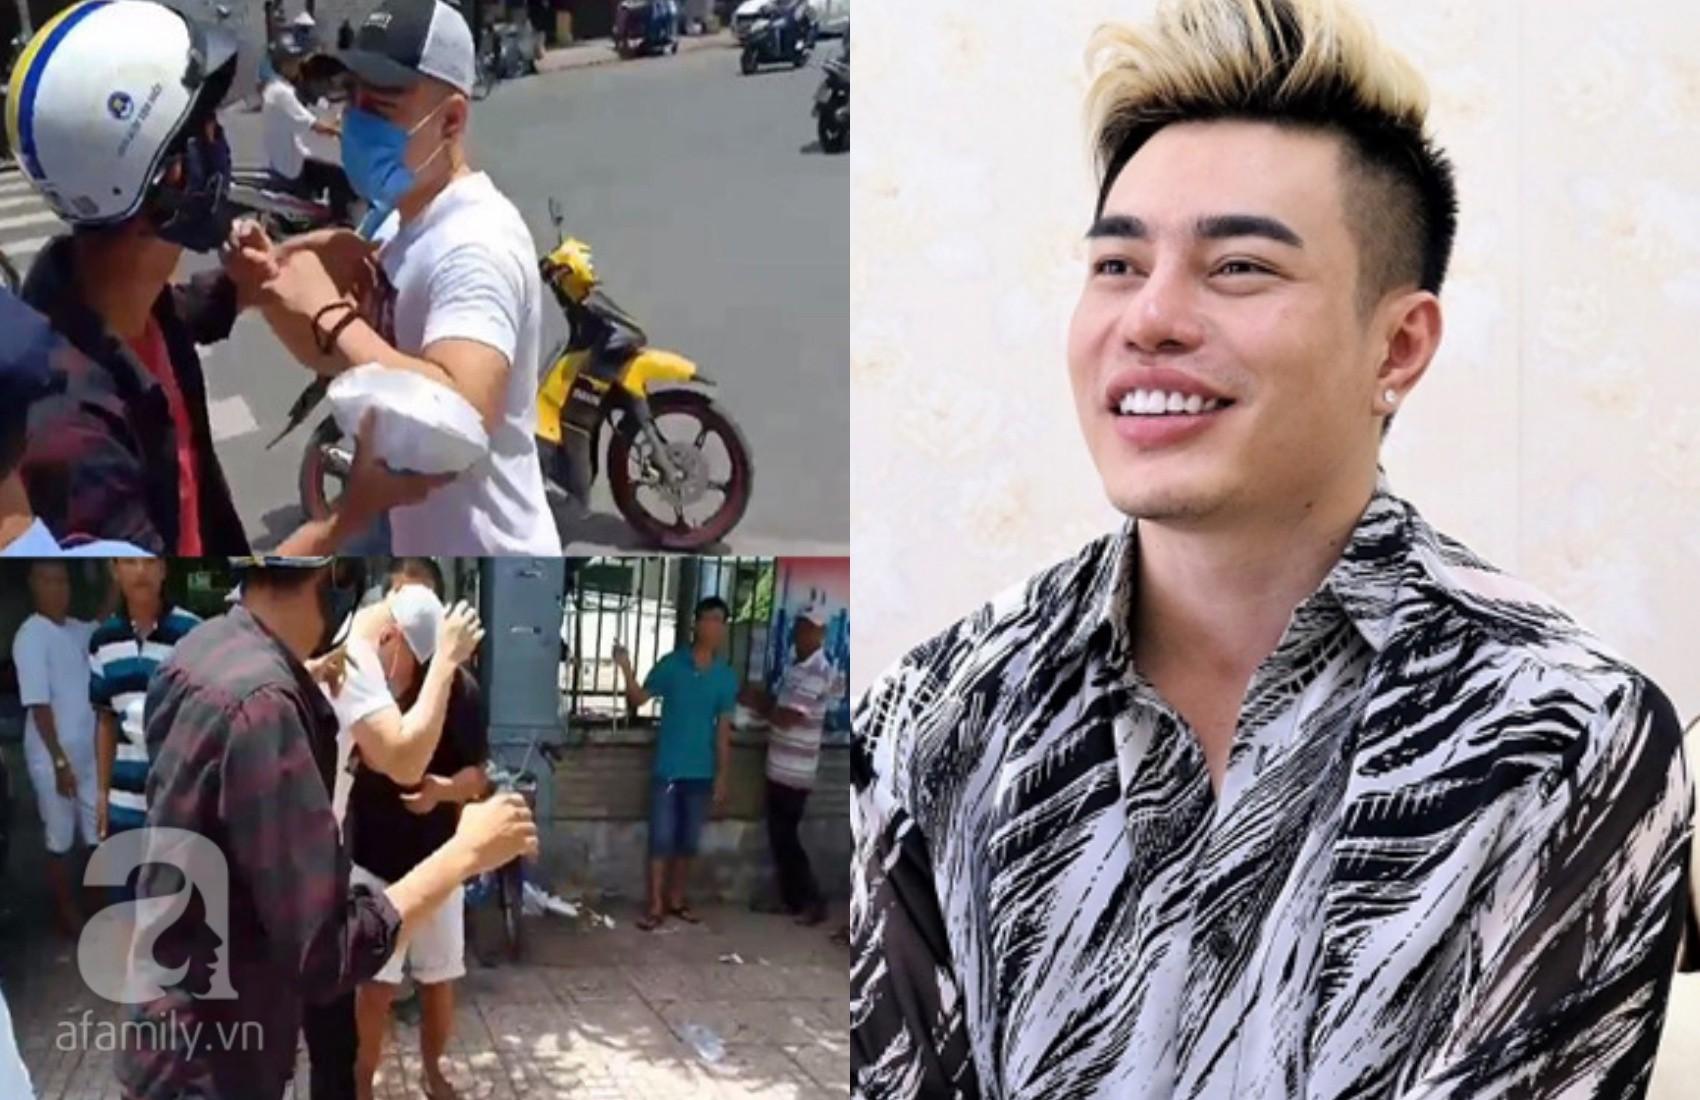 Bị tố dựng cảnh phát cơm từ thiện để PR, Lê Dương Bảo Lâm chính thức đáp trả, mang cả sự nghiệp ra để thề thốt  - Ảnh 1.